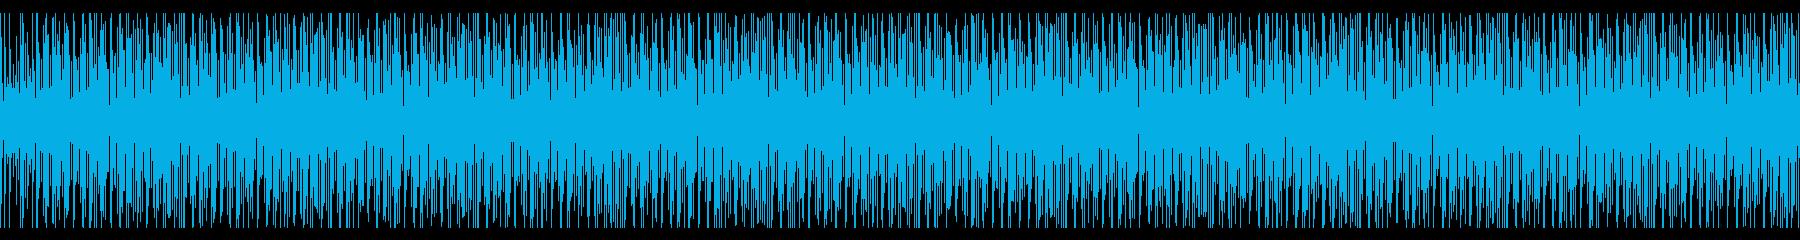 トークの後ろで流れそうなBGMの再生済みの波形